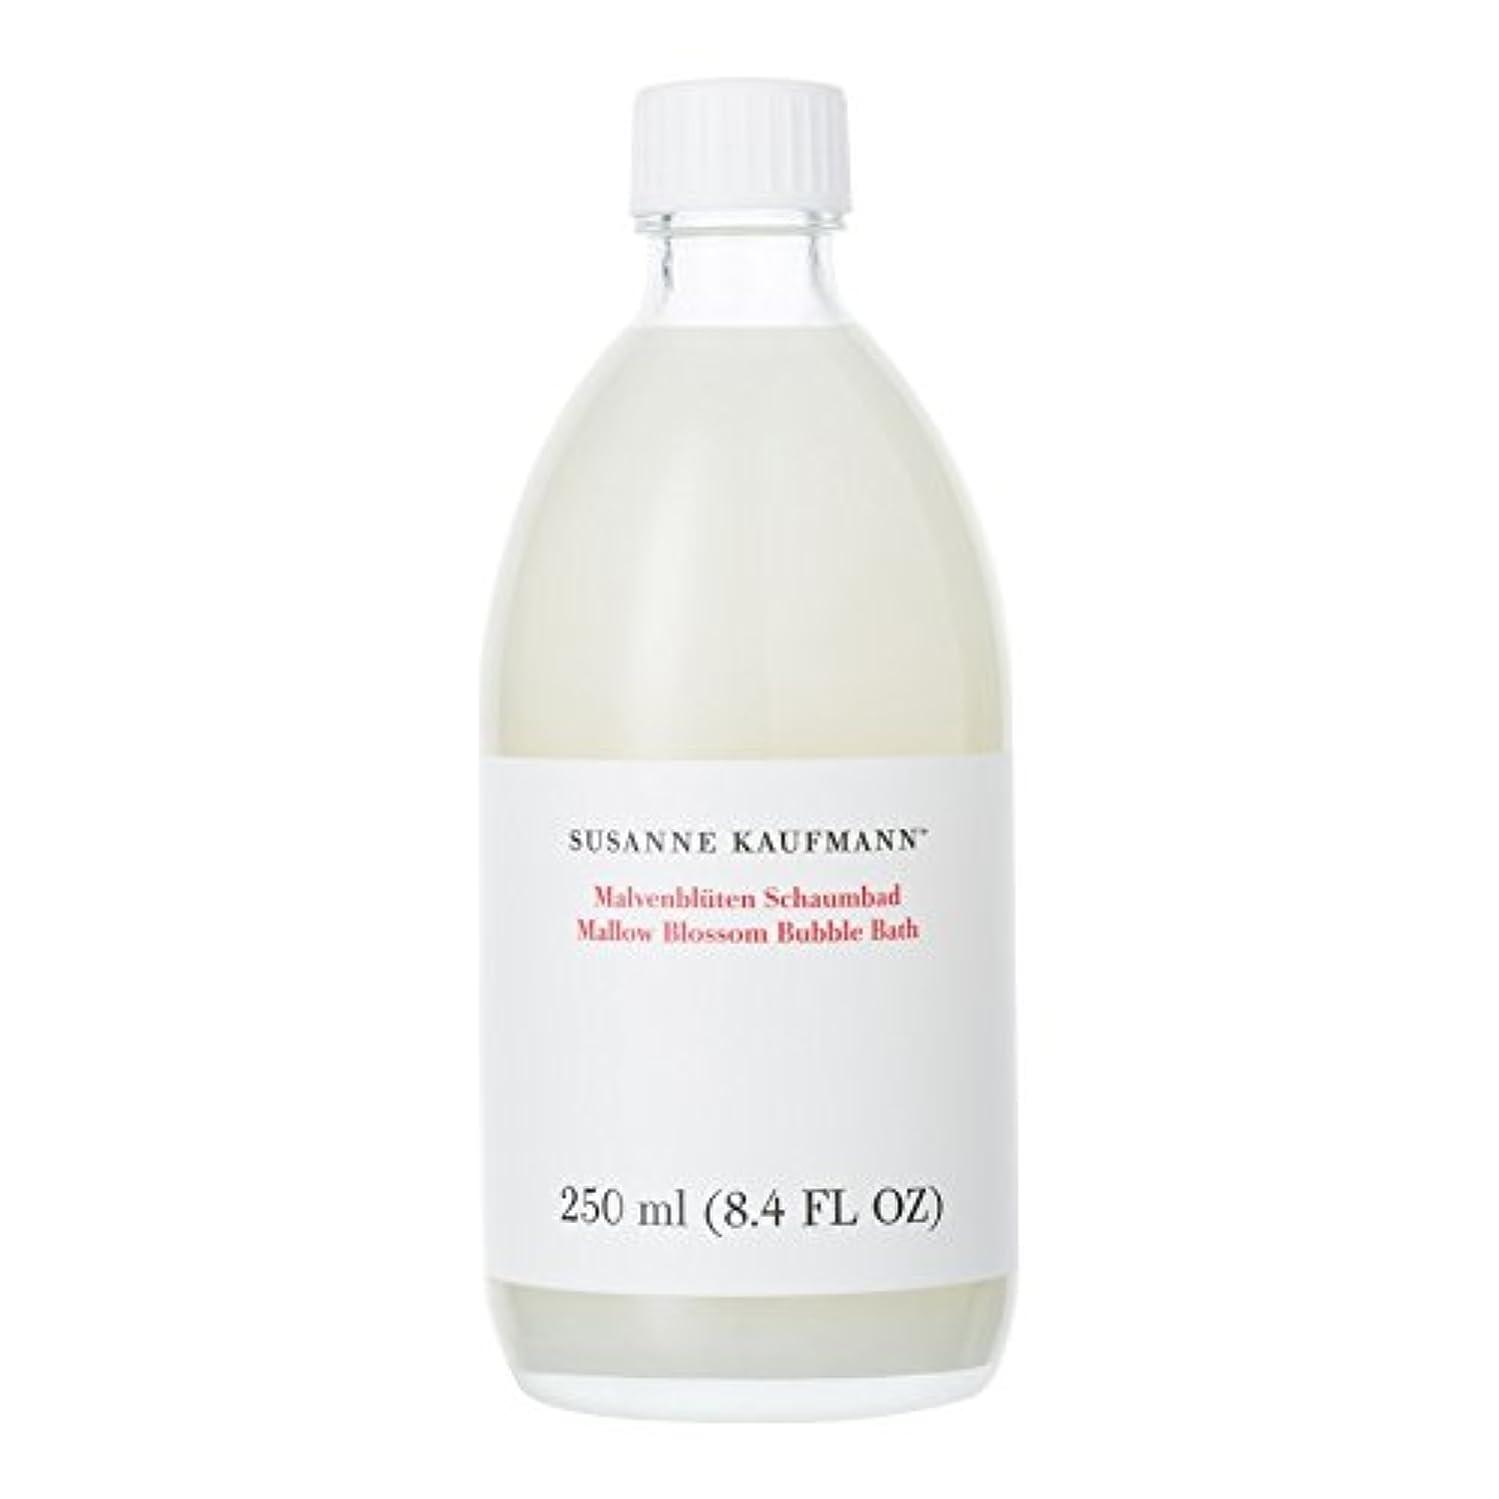 受益者何でもくるくるSusanne Kaufmann Mallow Blossom Bath 250ml - スザンヌカウフマンアオイ花バス250ミリリットル [並行輸入品]